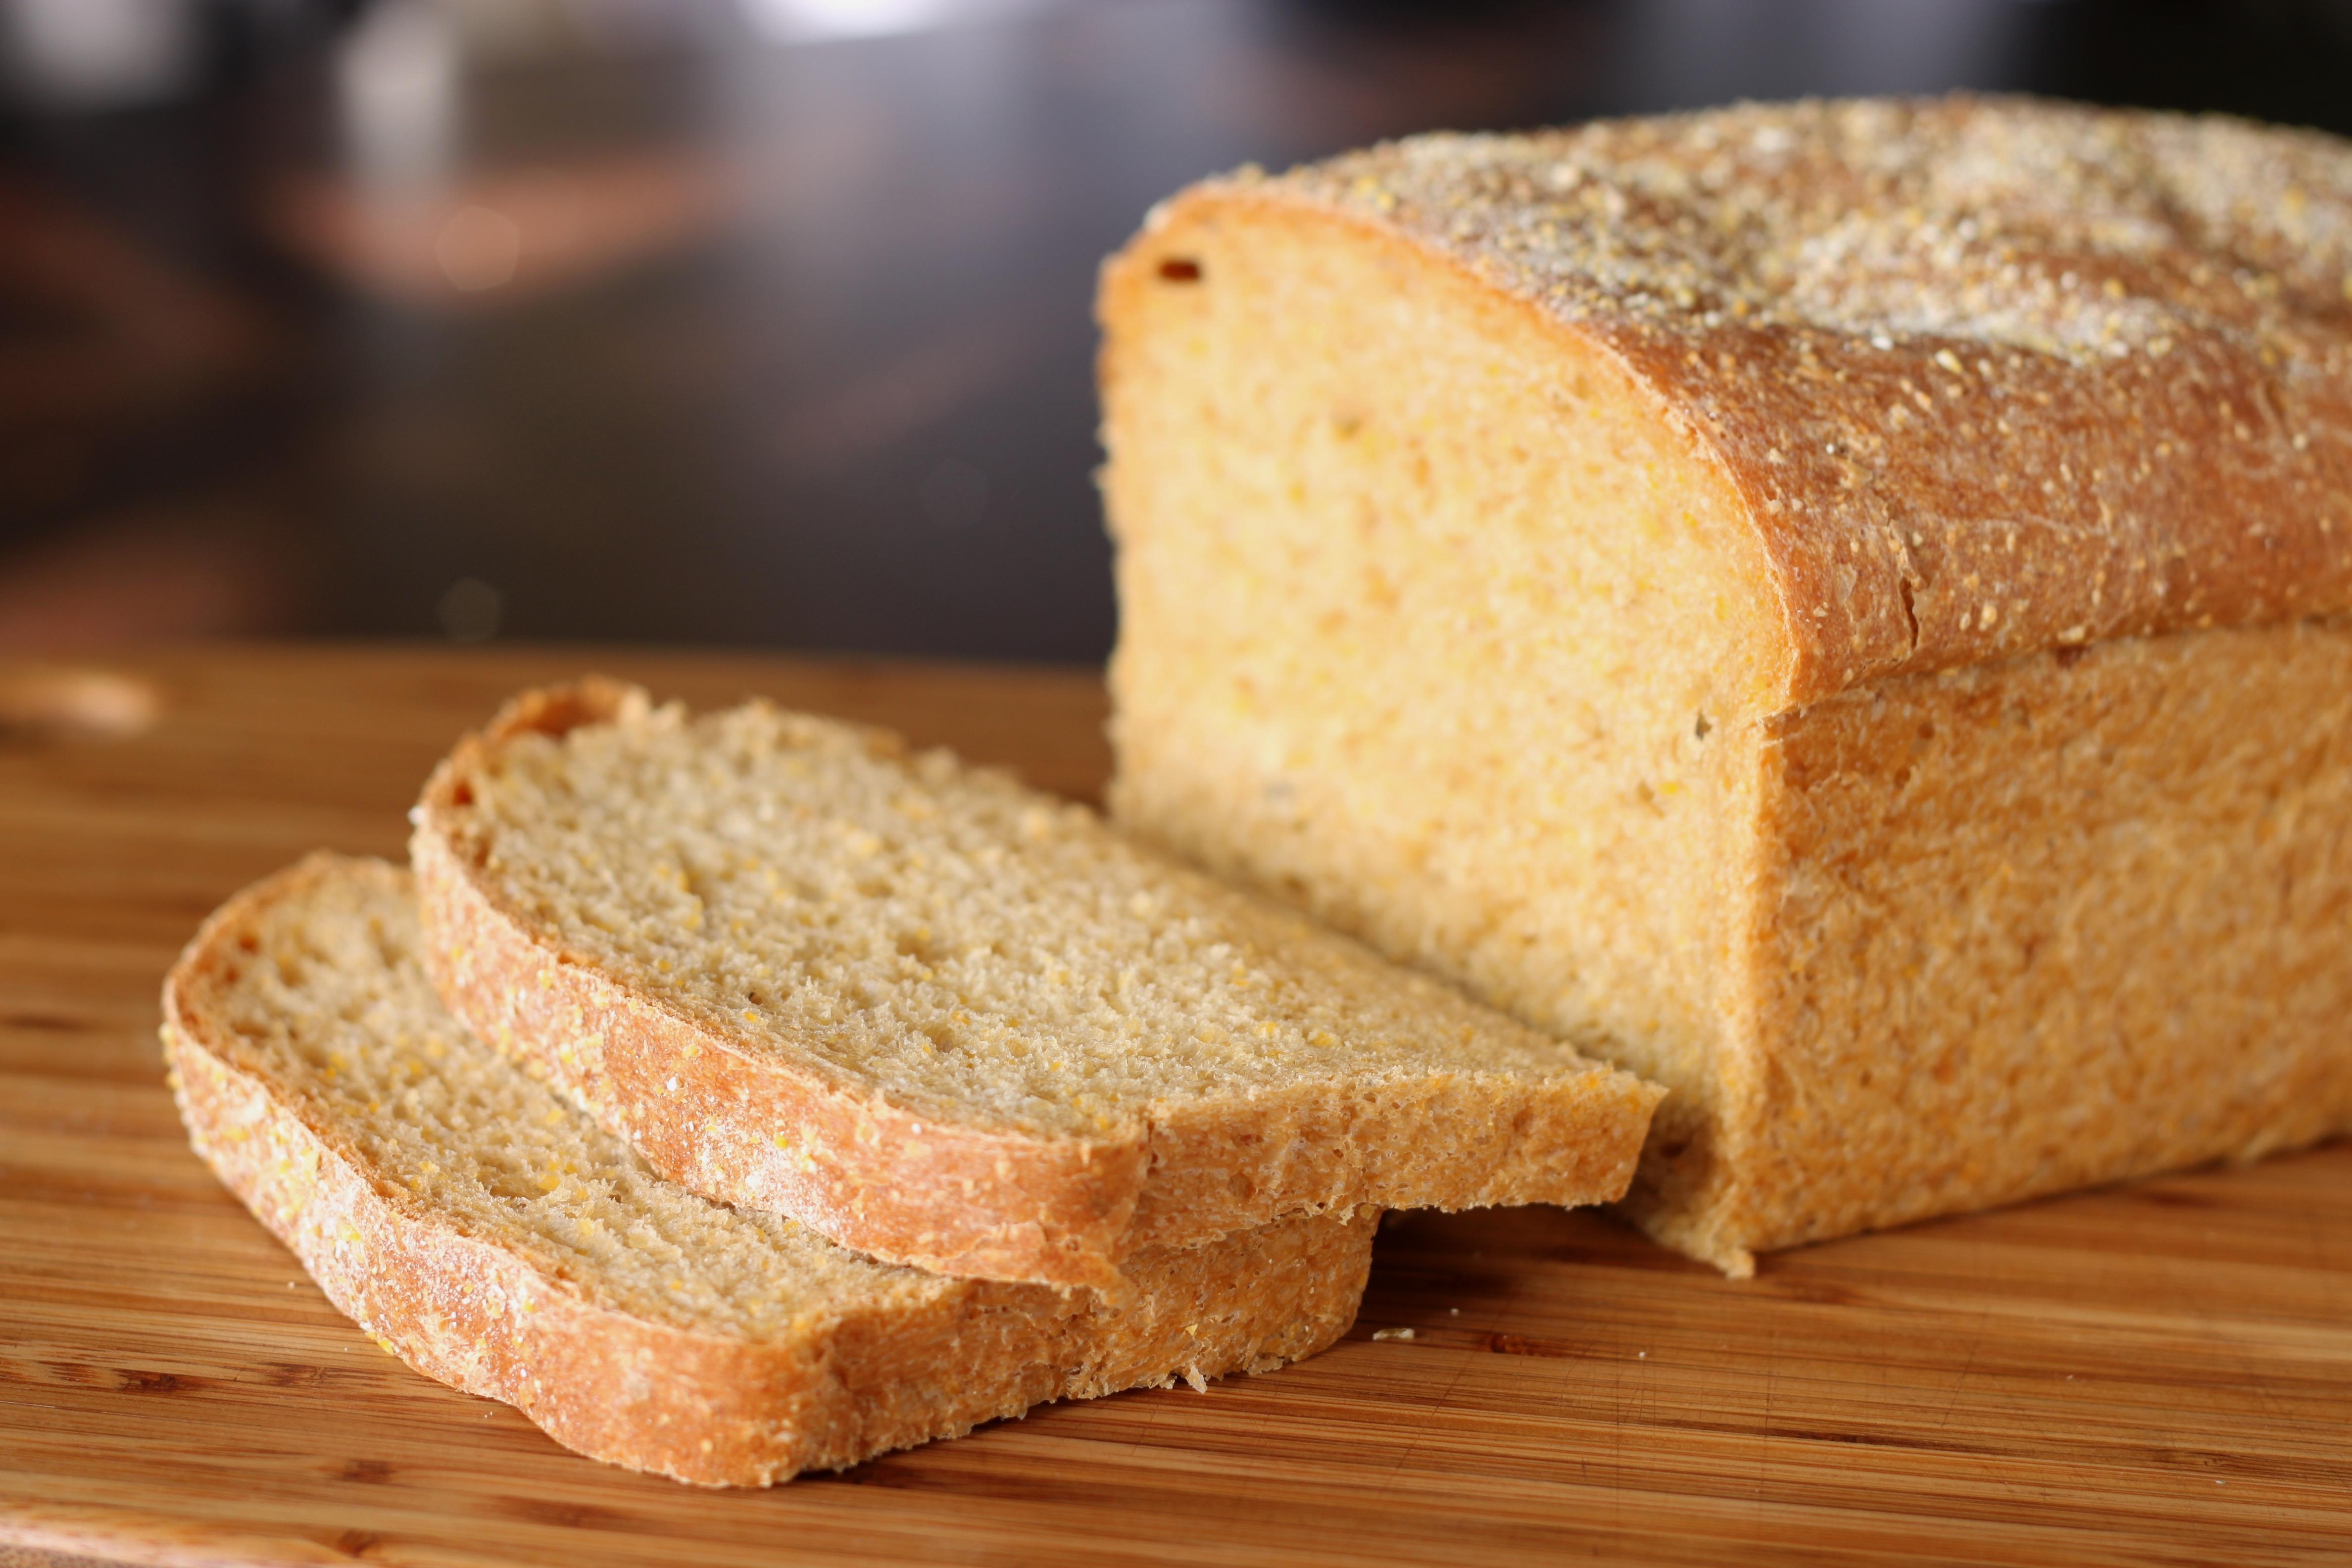 File:Anadama bread (1).jpg - Wikipedia